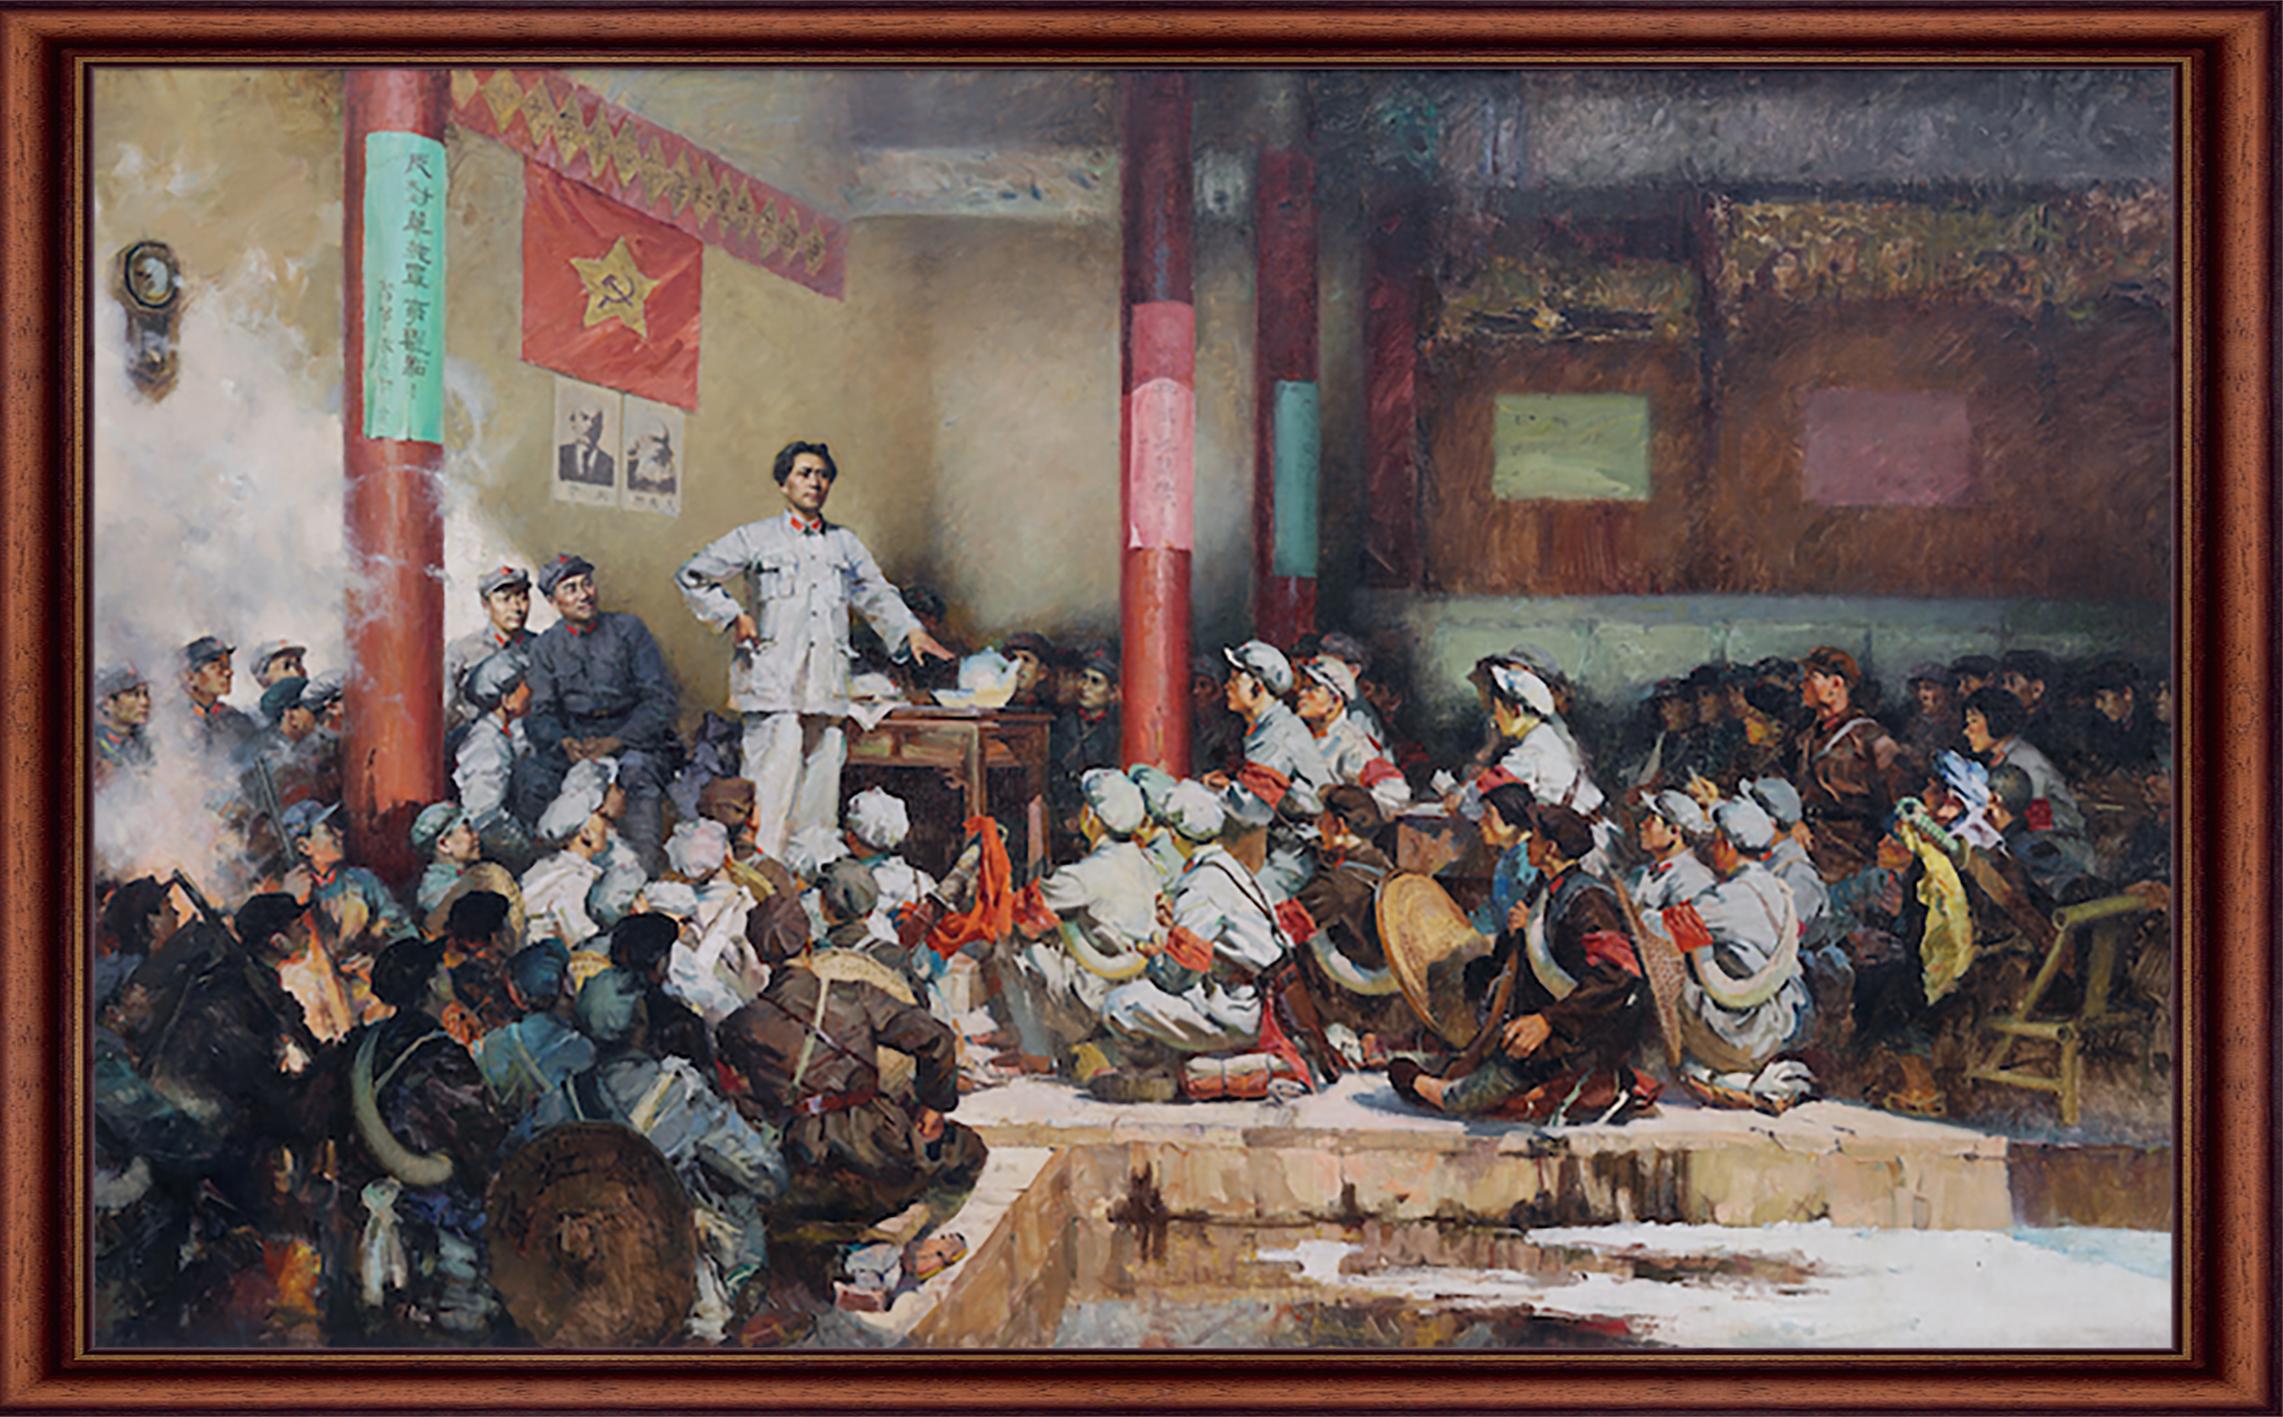 何孔德 《古田会议》 油画  1972年